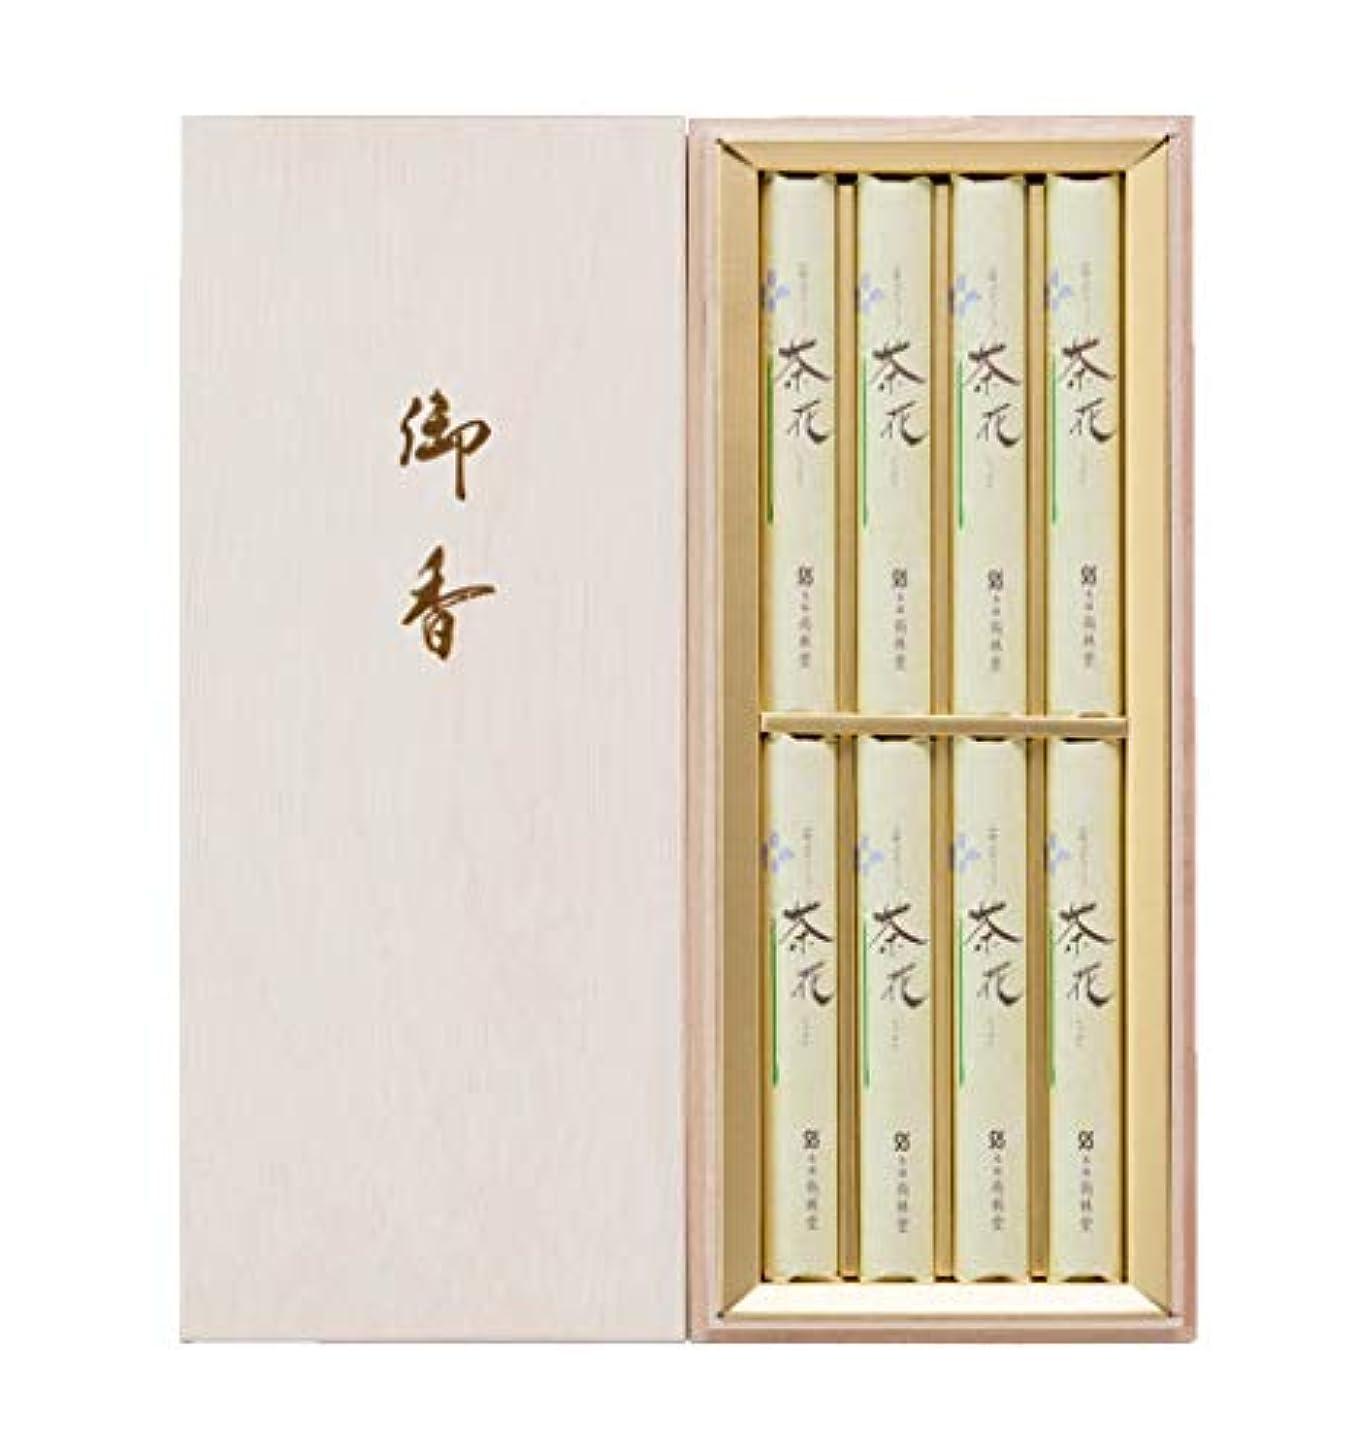 吸う一瞬感嘆符尚林堂 茶花 8入り 桐箱 159177-2010